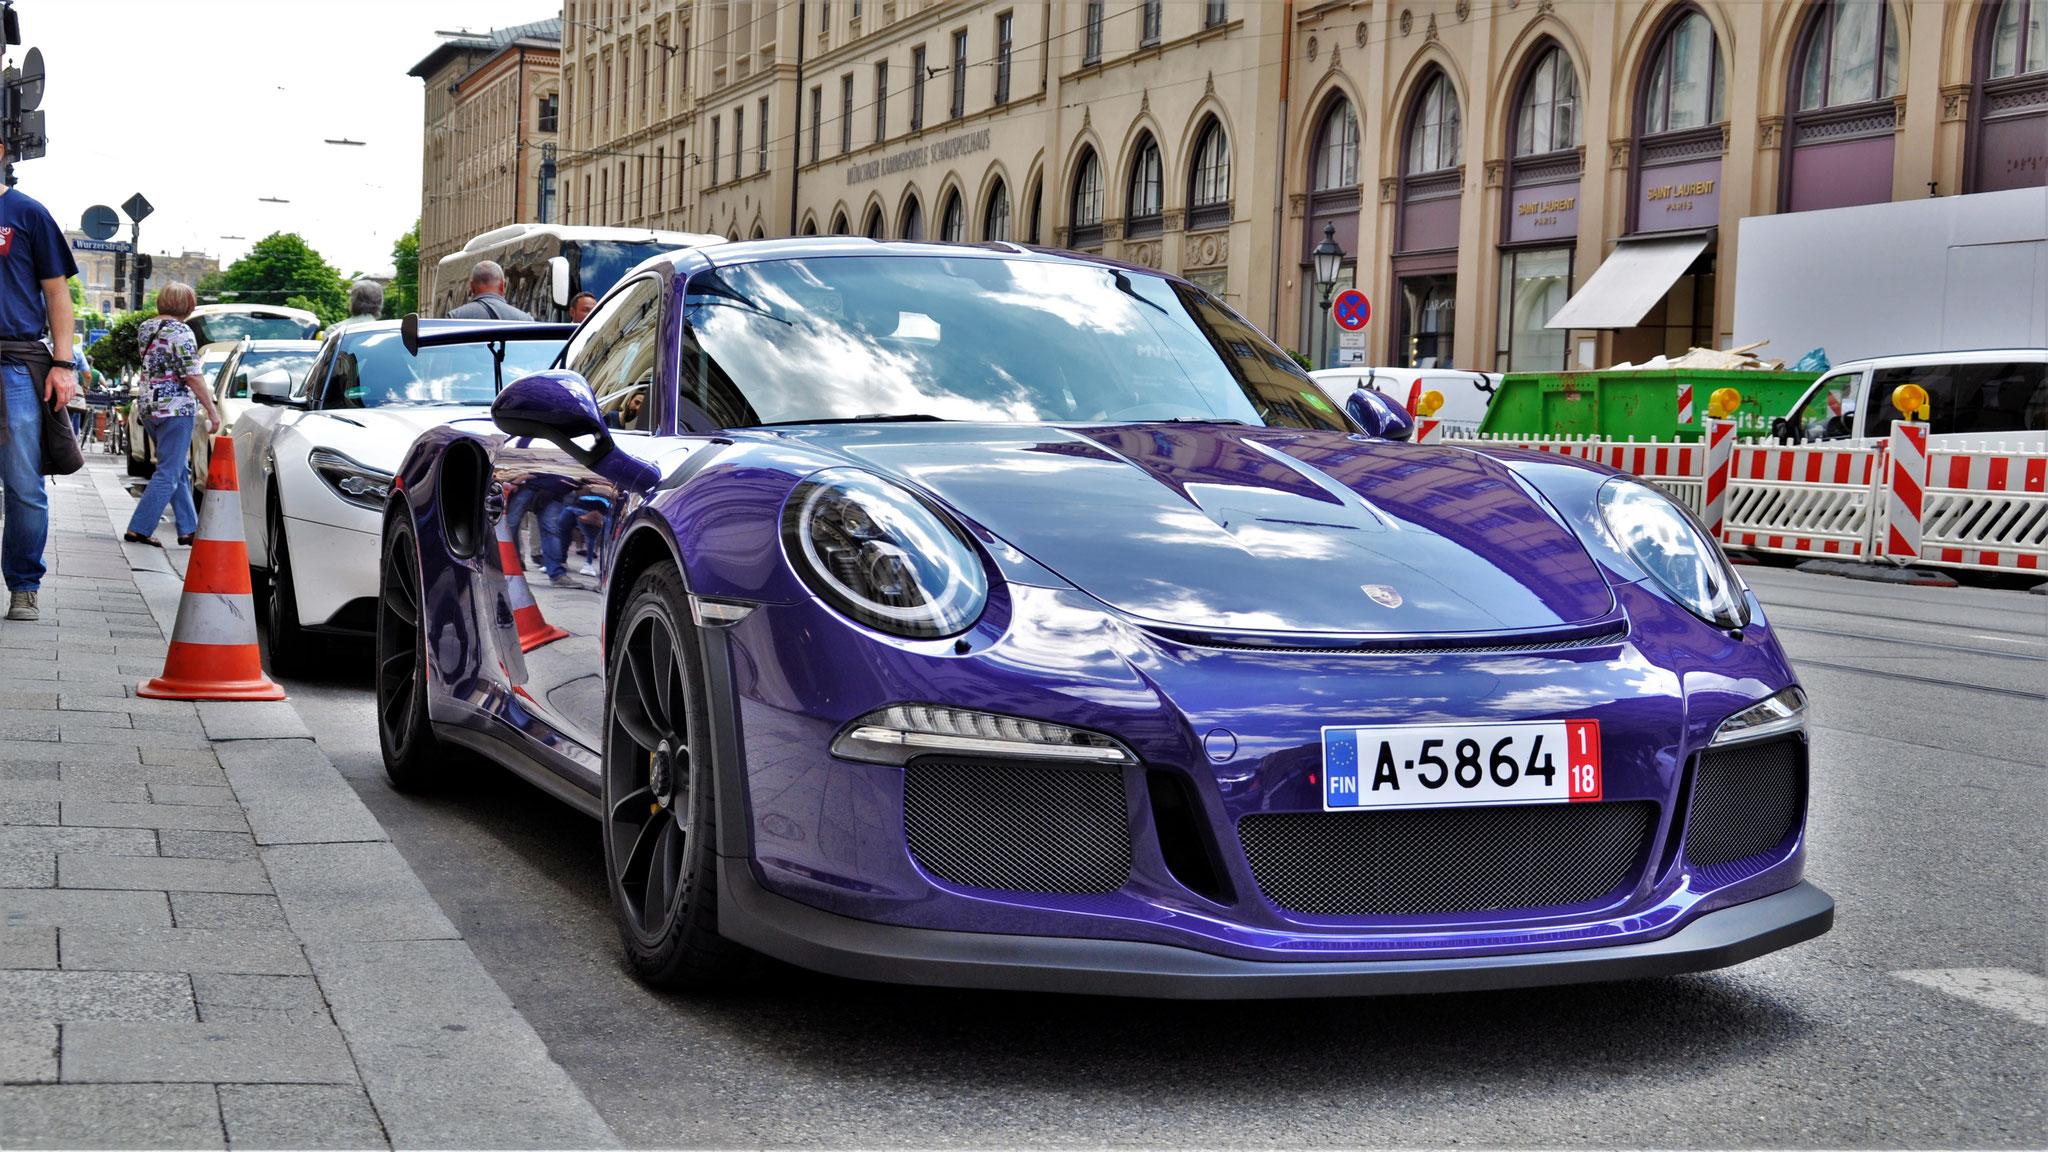 Porsche 911 GT3 RS - A-5864 (FIN)